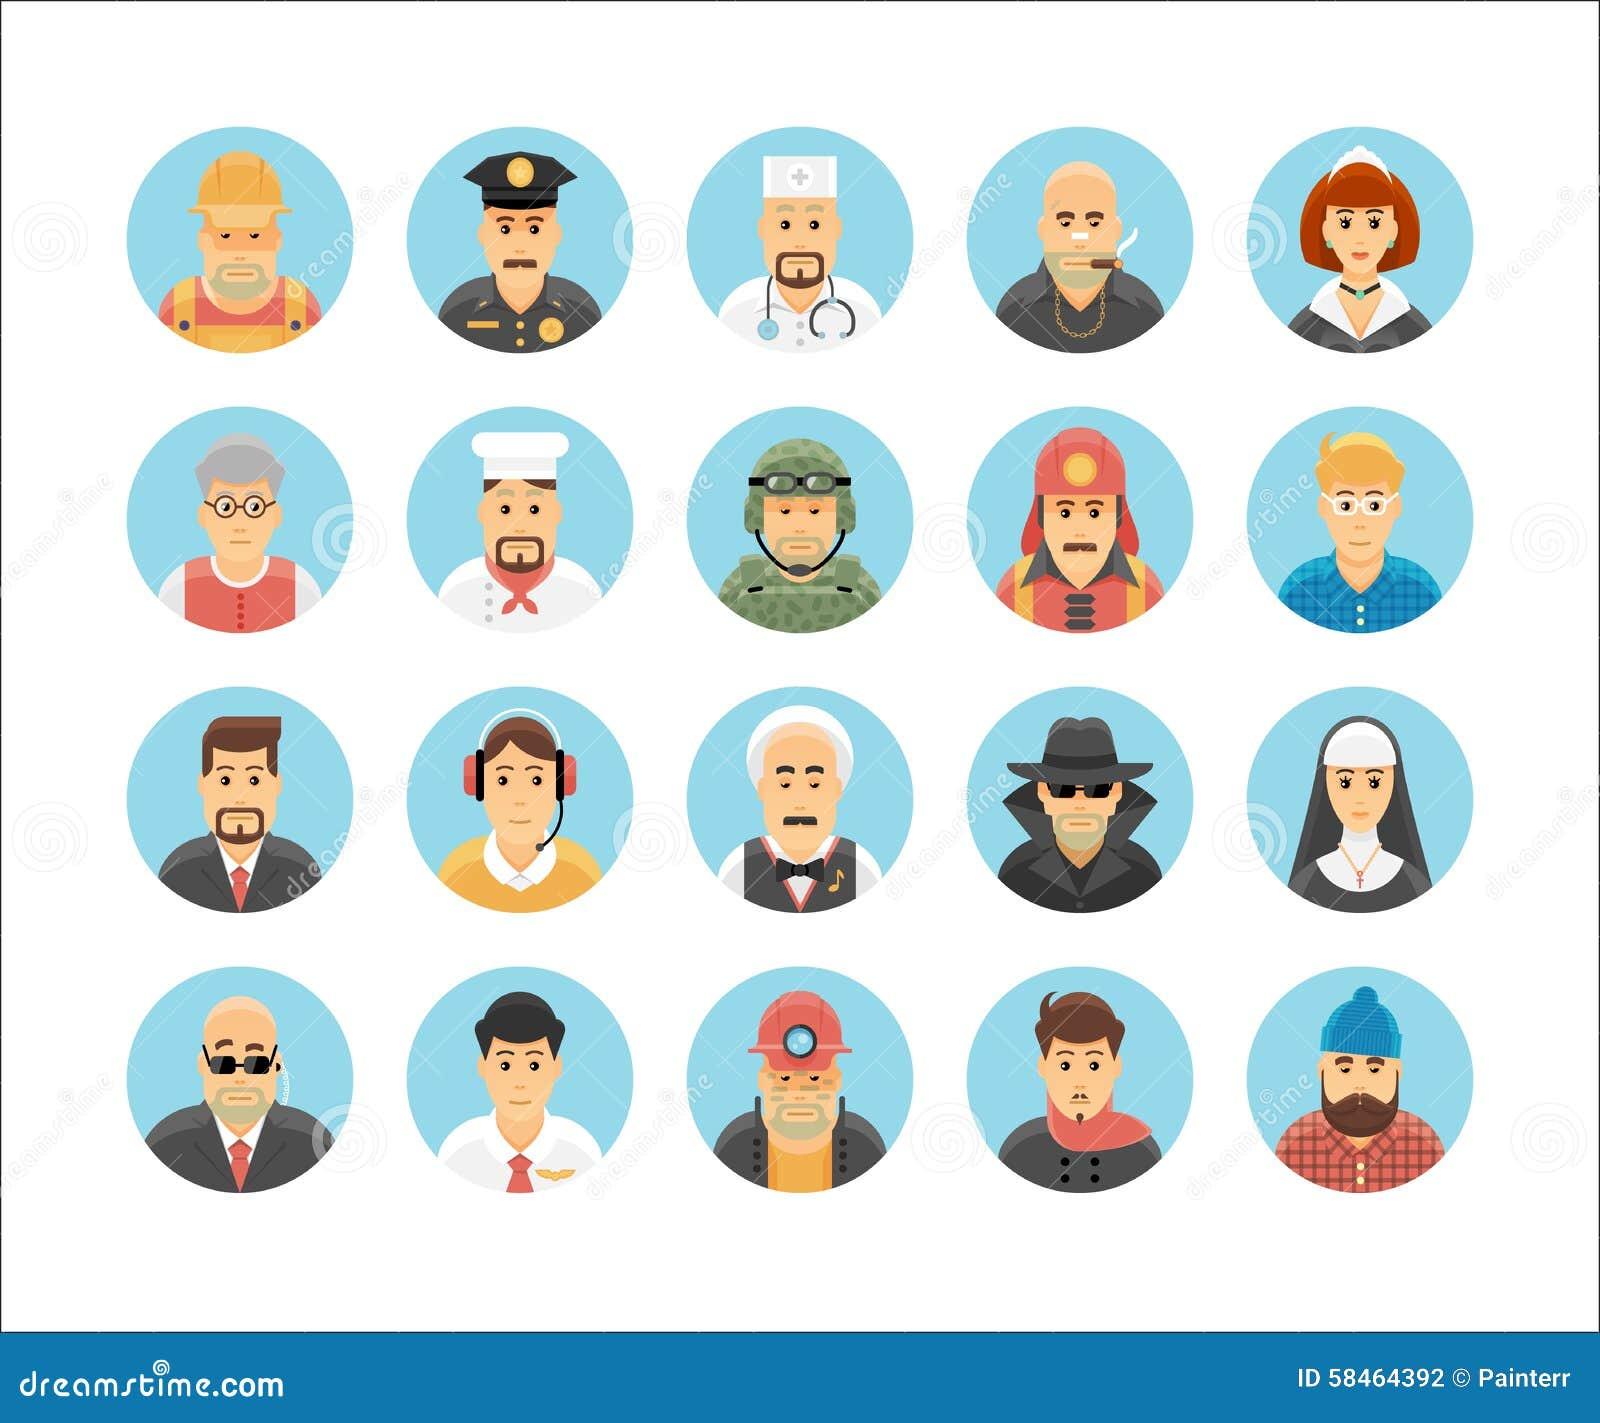 Persons ikony inkasowe Charakter ikony ustawiają ilustrować ludzi zajęć, style życia, narody i kultury,